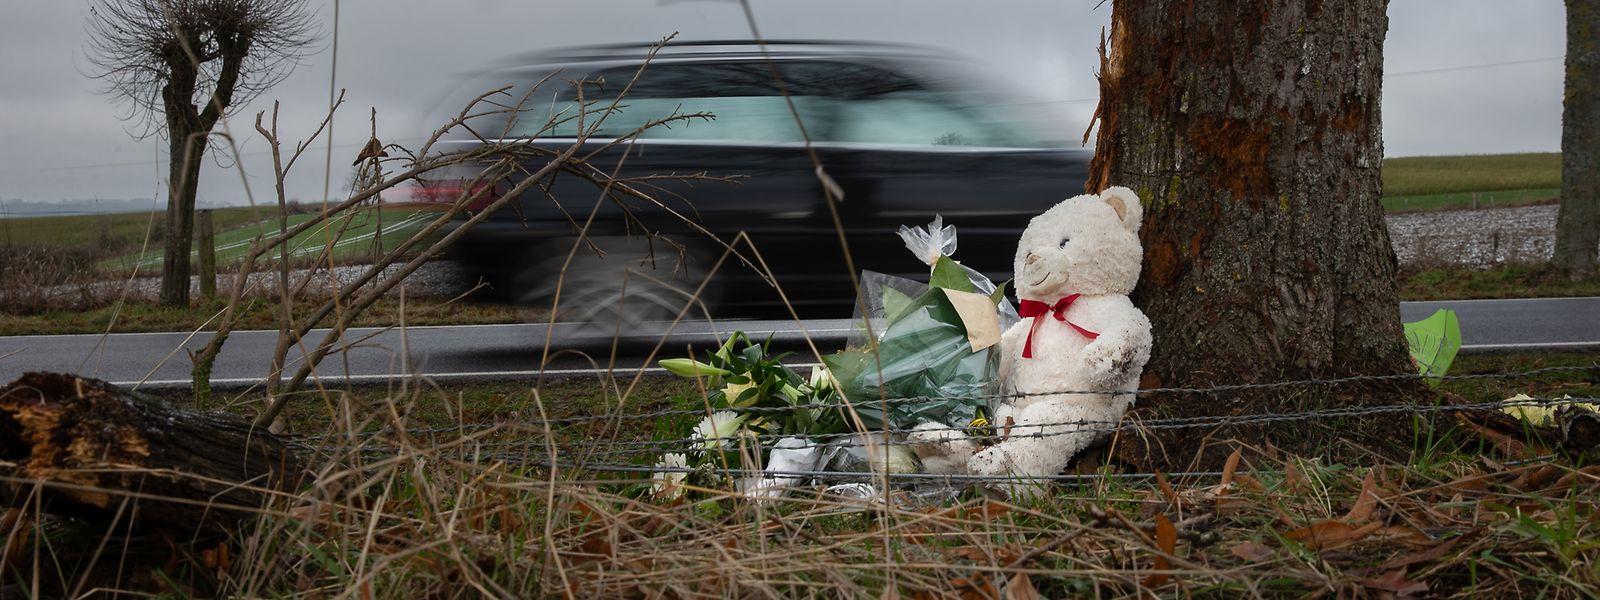 Zwischen Ulflingen und Drinklingen ereignete sich am 27. Dezember der letzte tödliche Verkehrsunfall des Jahres 2018. An der Unfallstelle wird der verstorbenen 20-jährigen Fahrerin gedacht.